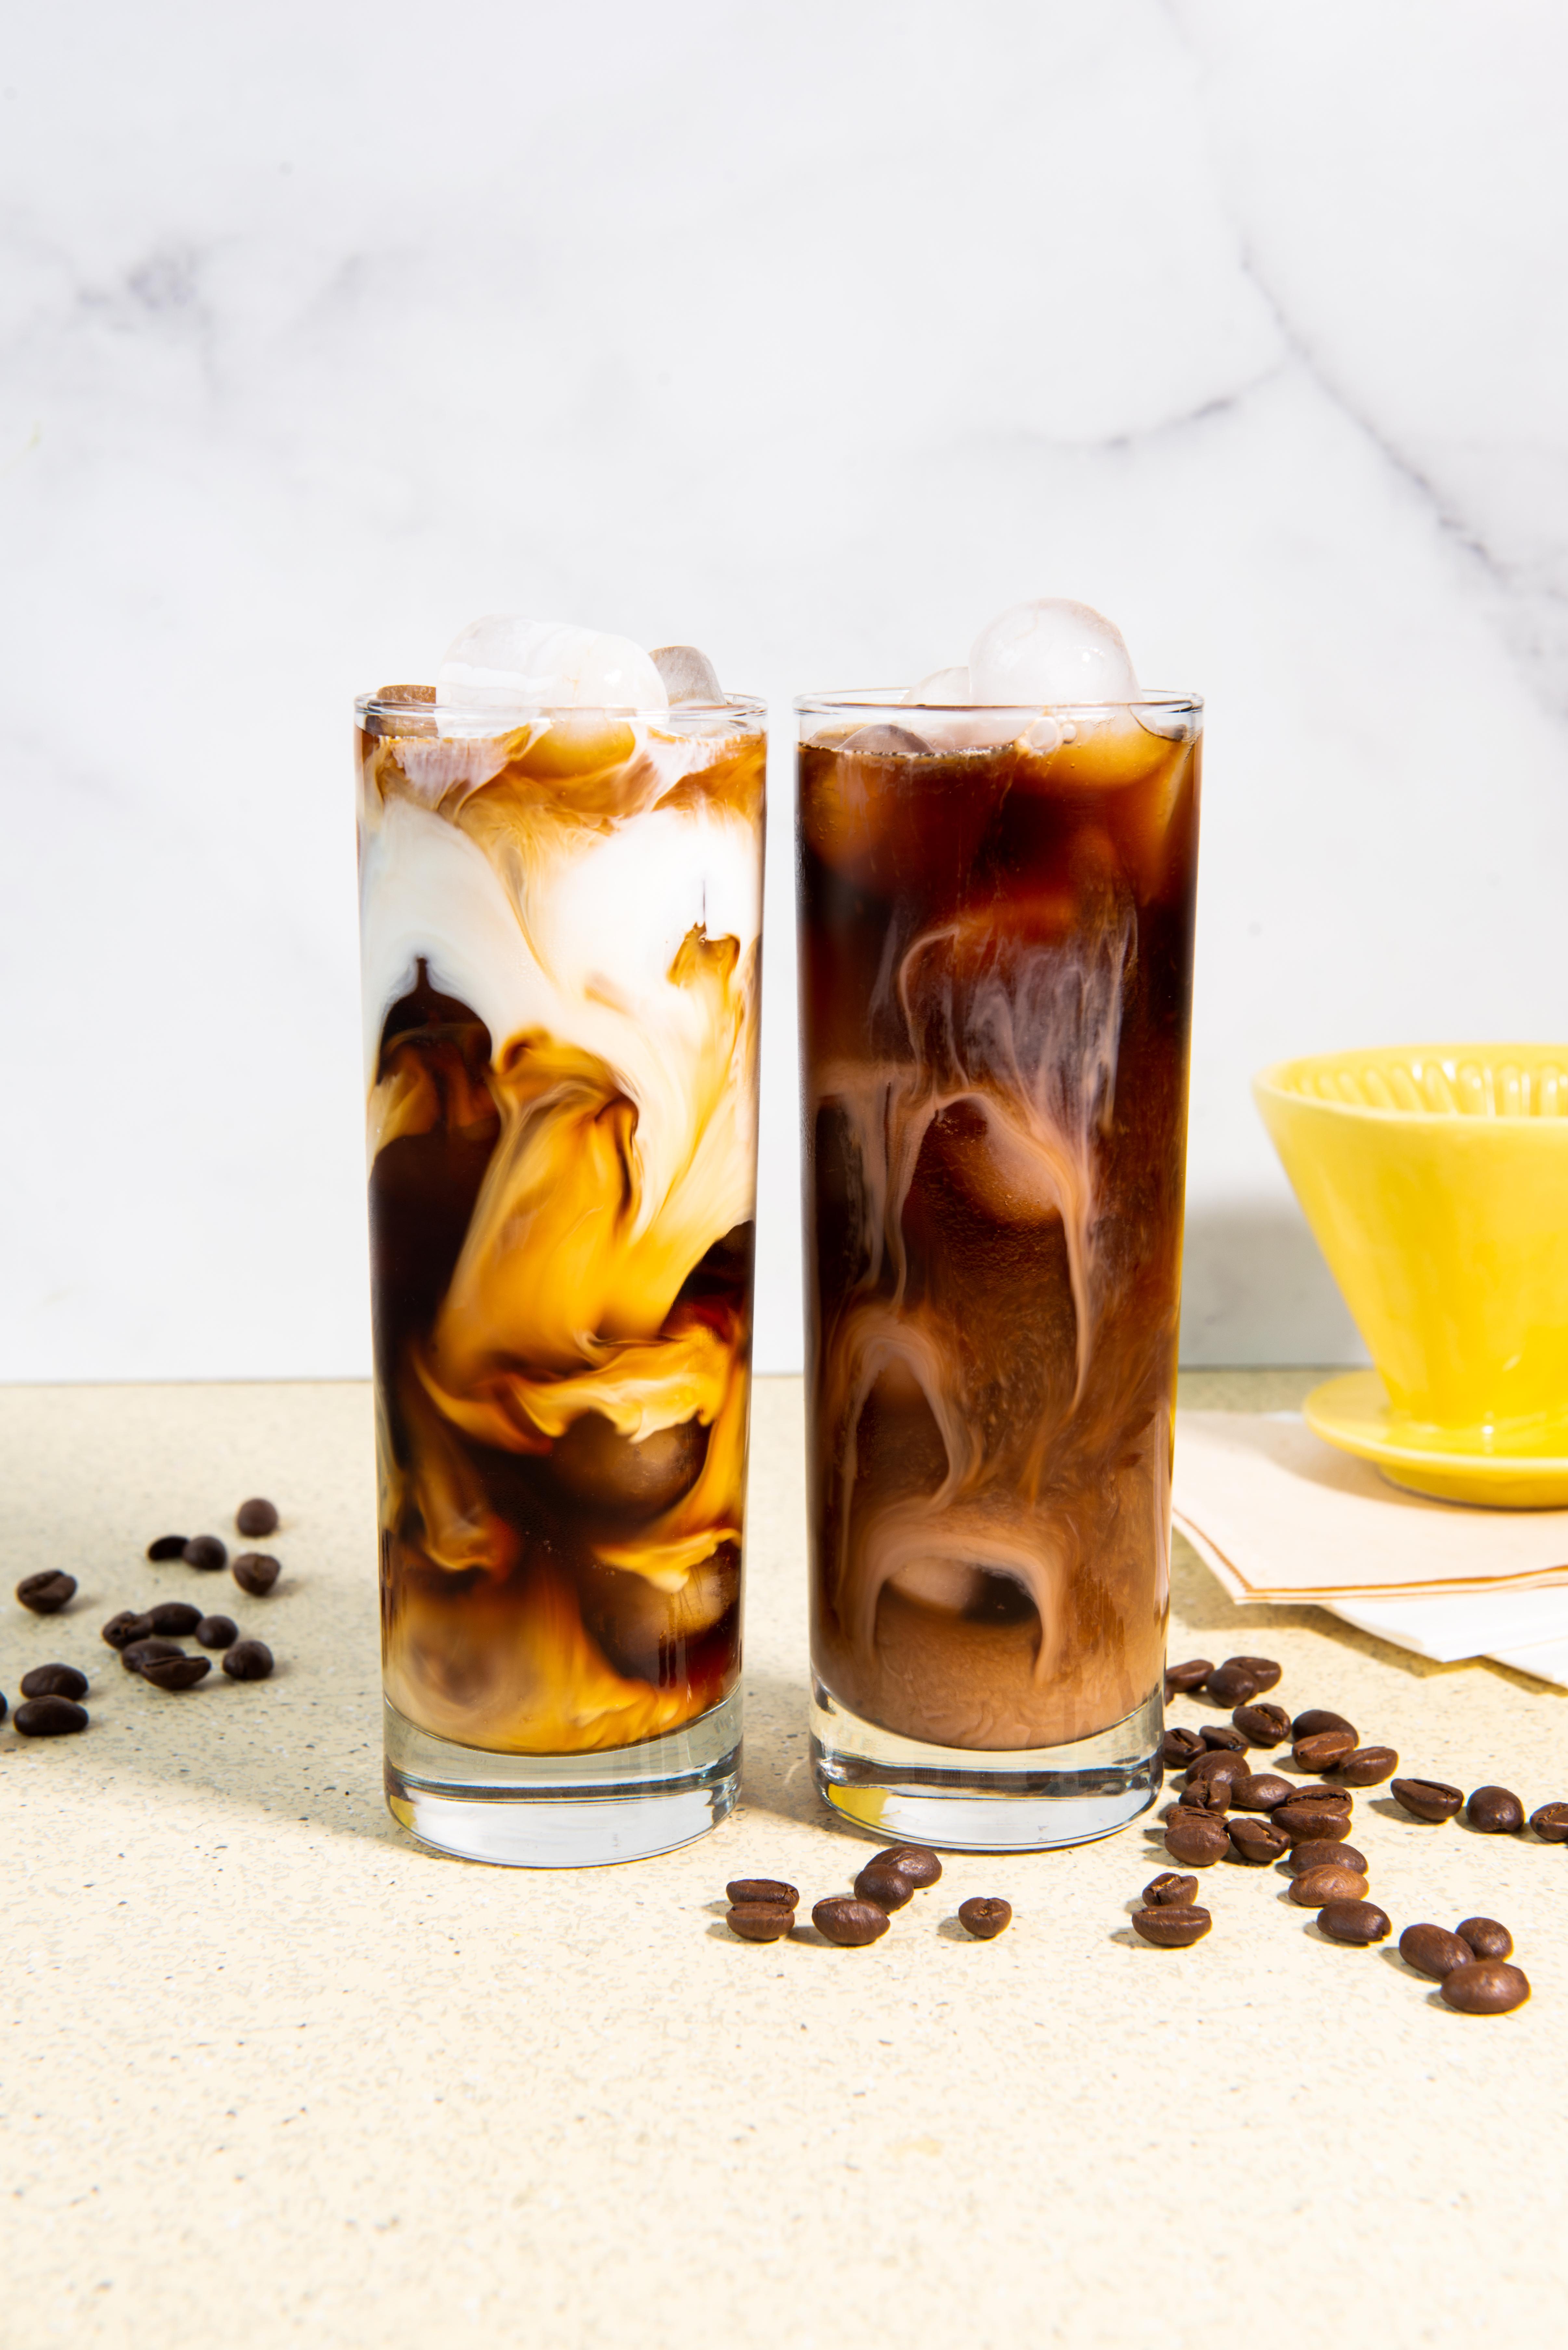 Café glacé infusé à froid (cold brew)